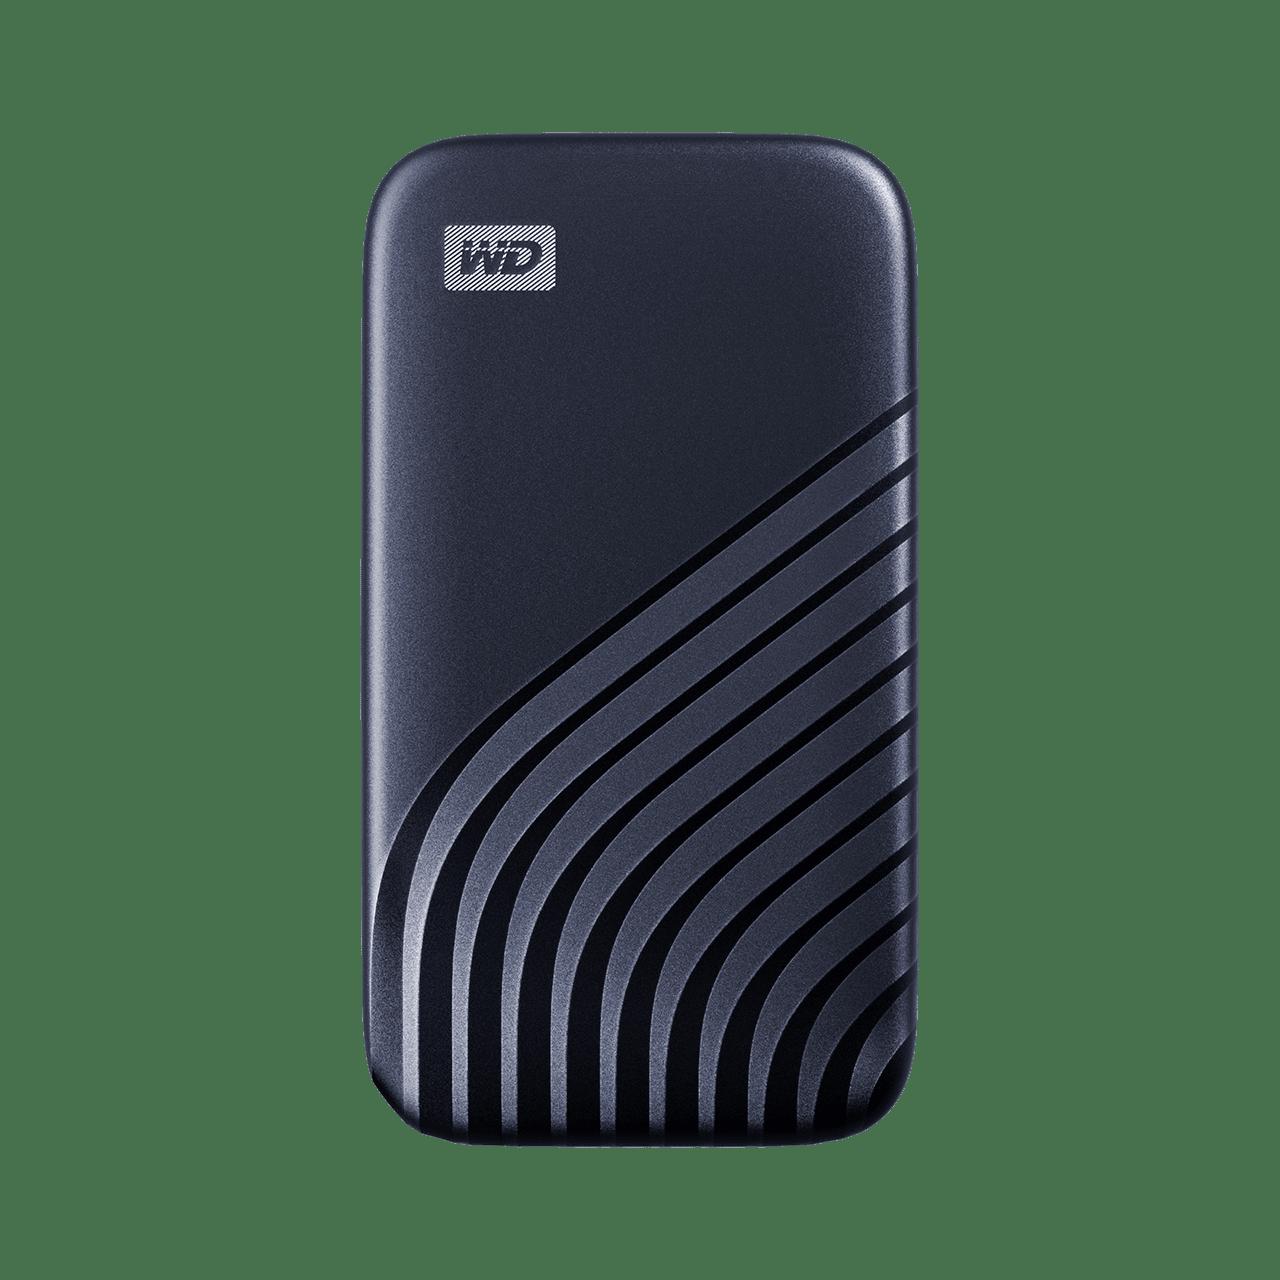 WD MY PASSPORT™ SSD 500GB BLUE [WDBAGF5000ABL-WESN]